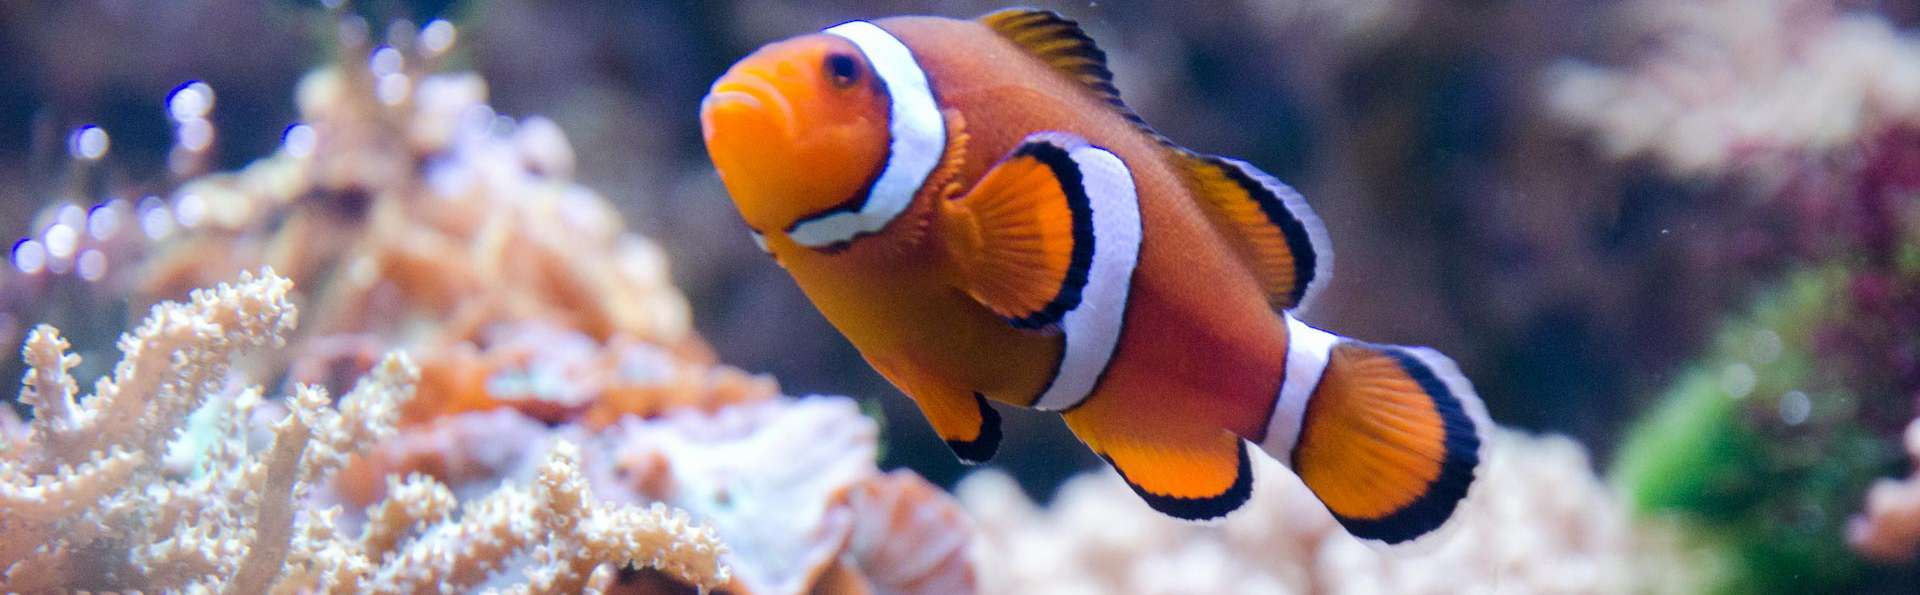 Venez découvrir des poissons du monde entier, dans l'aquarium de Lyon !